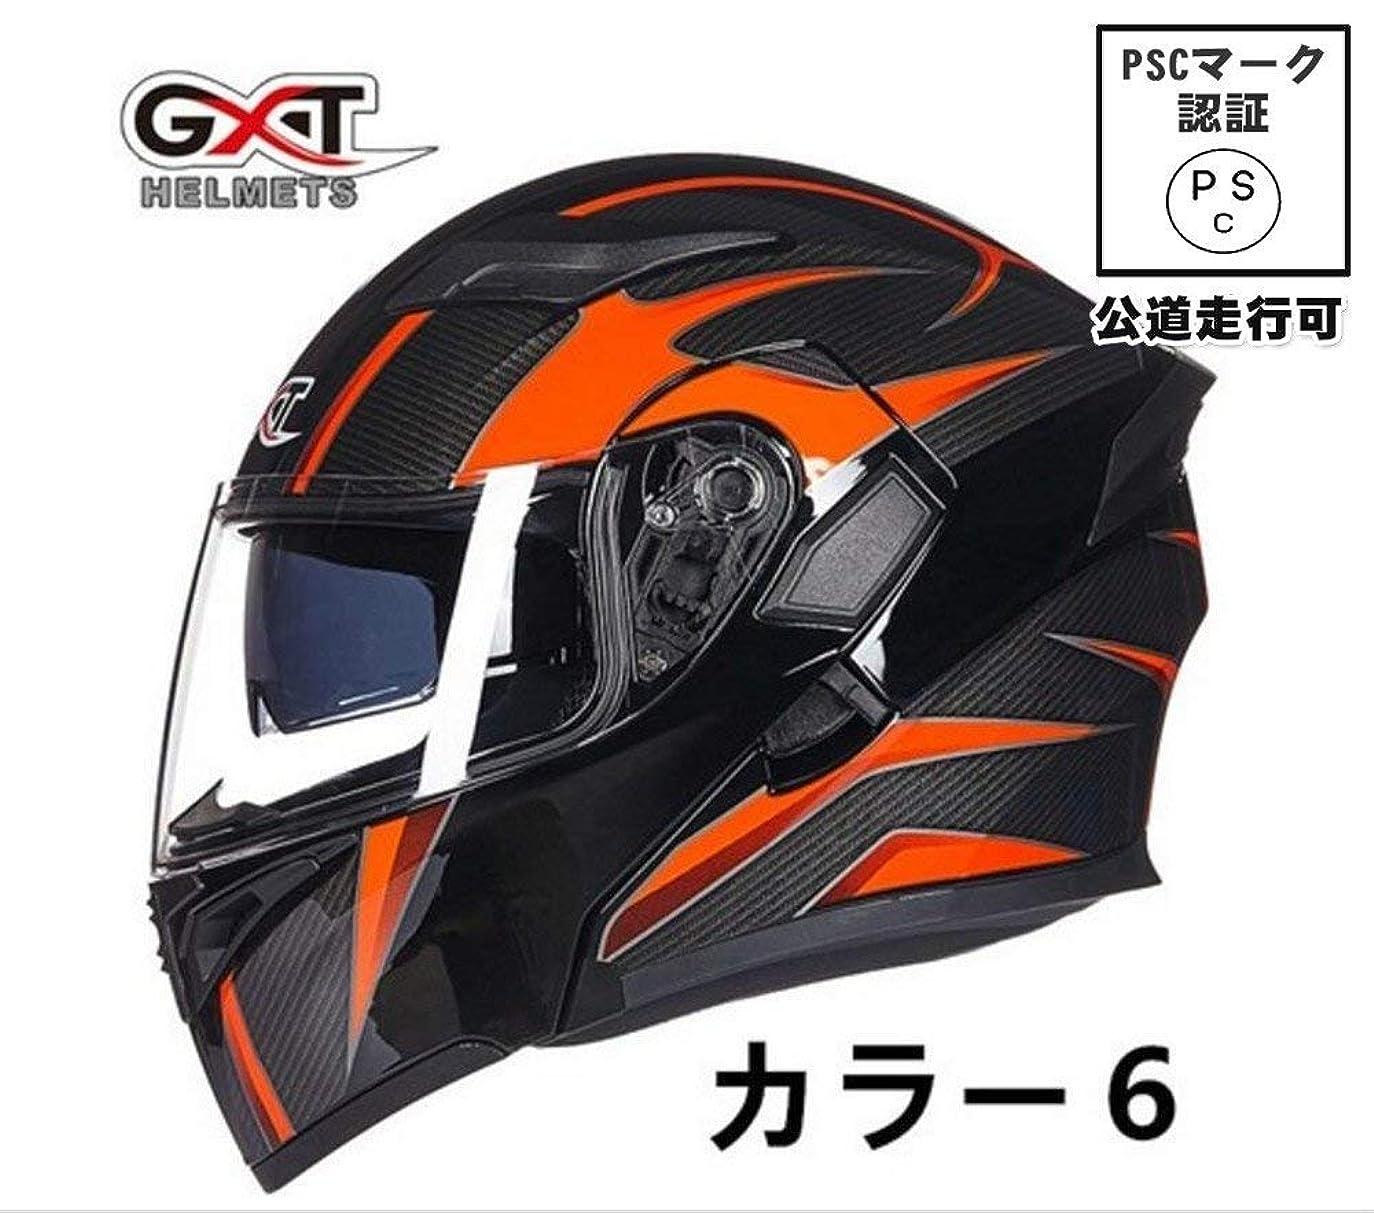 トロリーバスファンシー送るオージーケーカブト(OGK KABUTO)バイクヘルメット ジェット AVAND2 パールホワイト (サイズ:M)